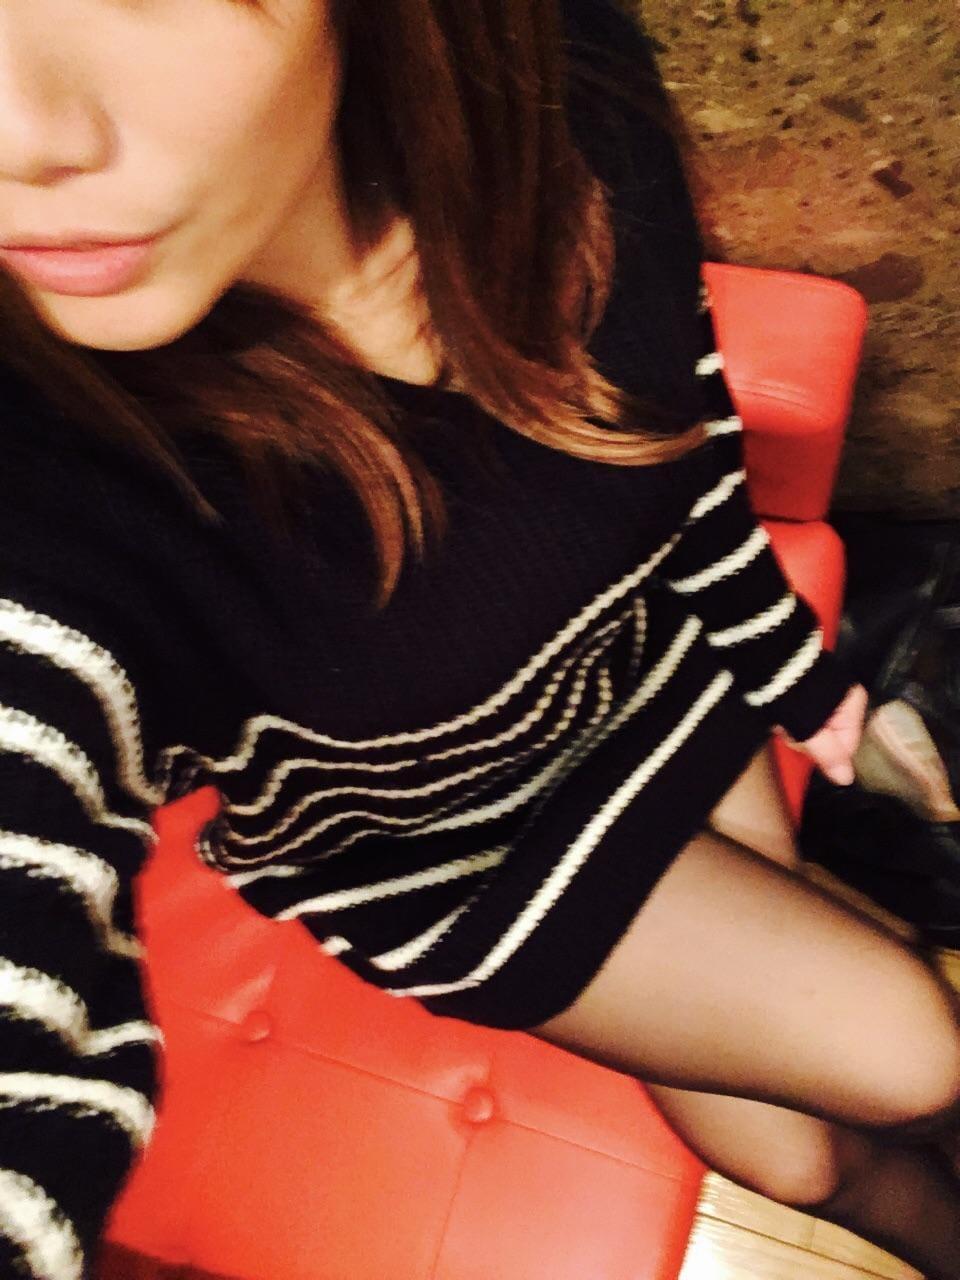 「おれいにっき」02/07(02/07) 18:51 | かすみ(殿堂入り痴女)の写メ・風俗動画